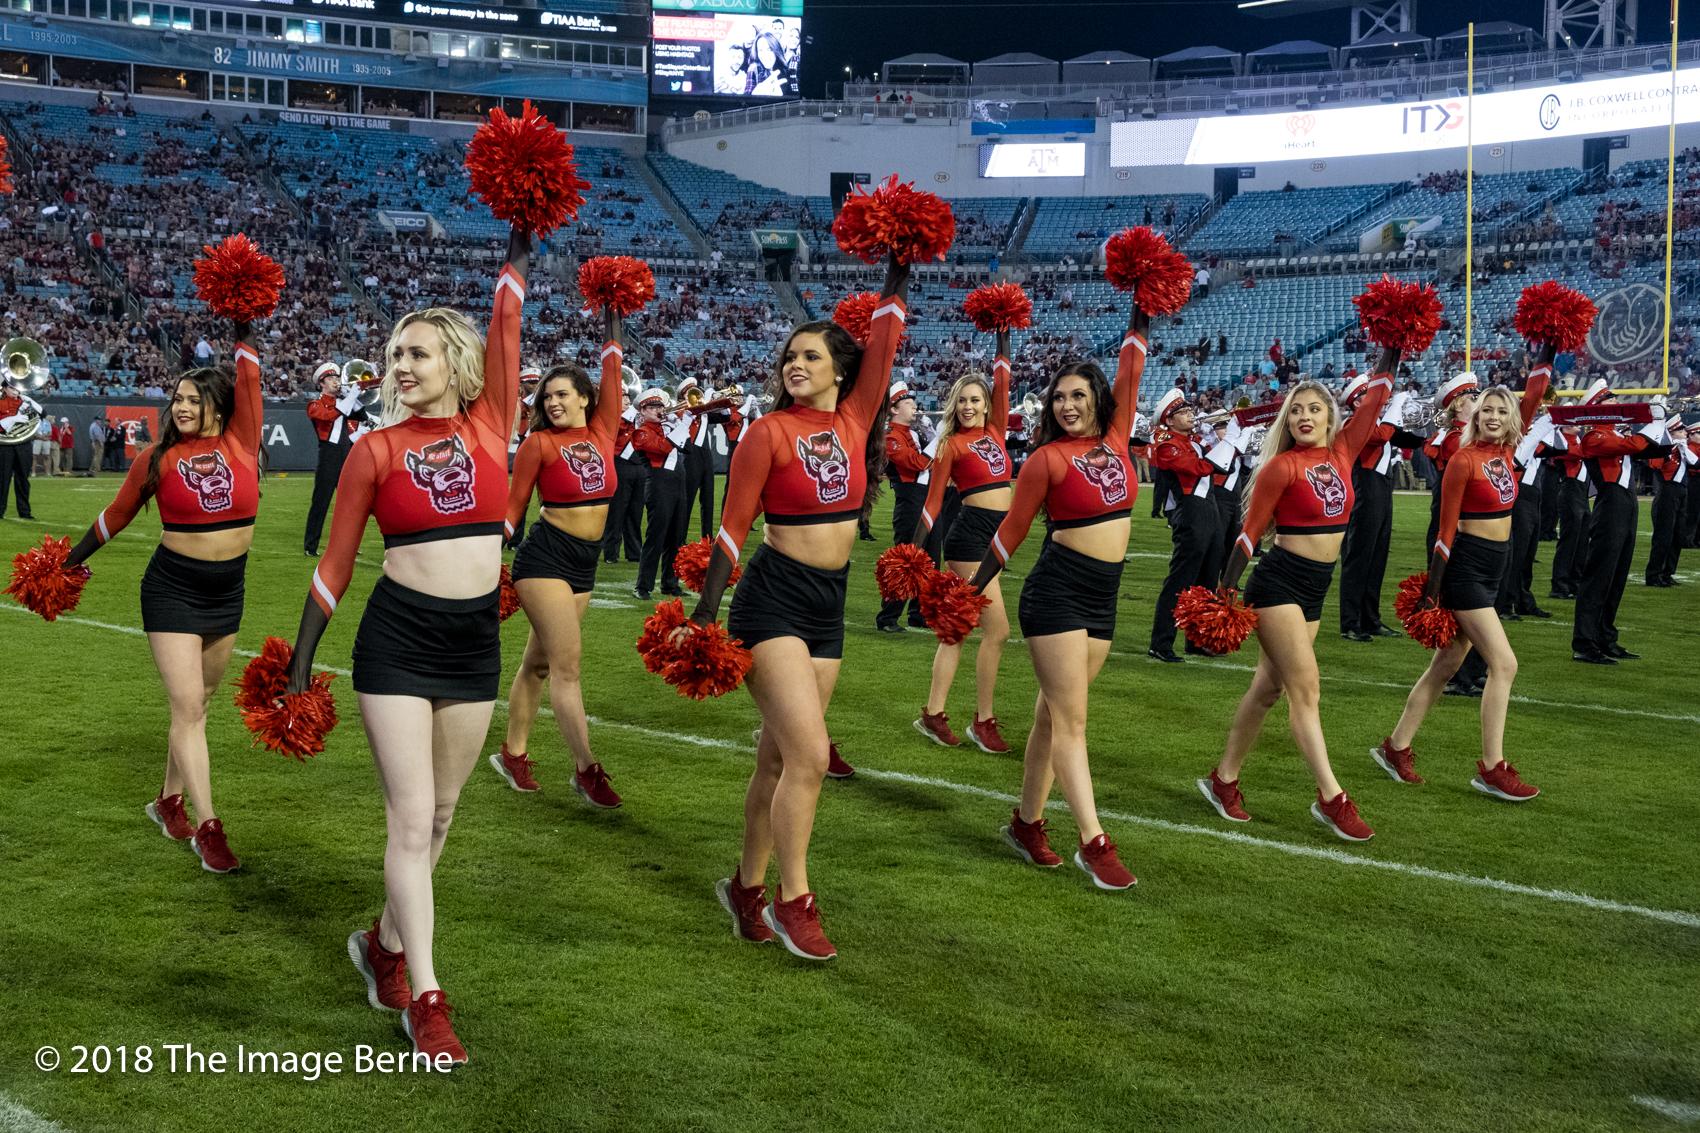 Cheerleaders-102.jpg